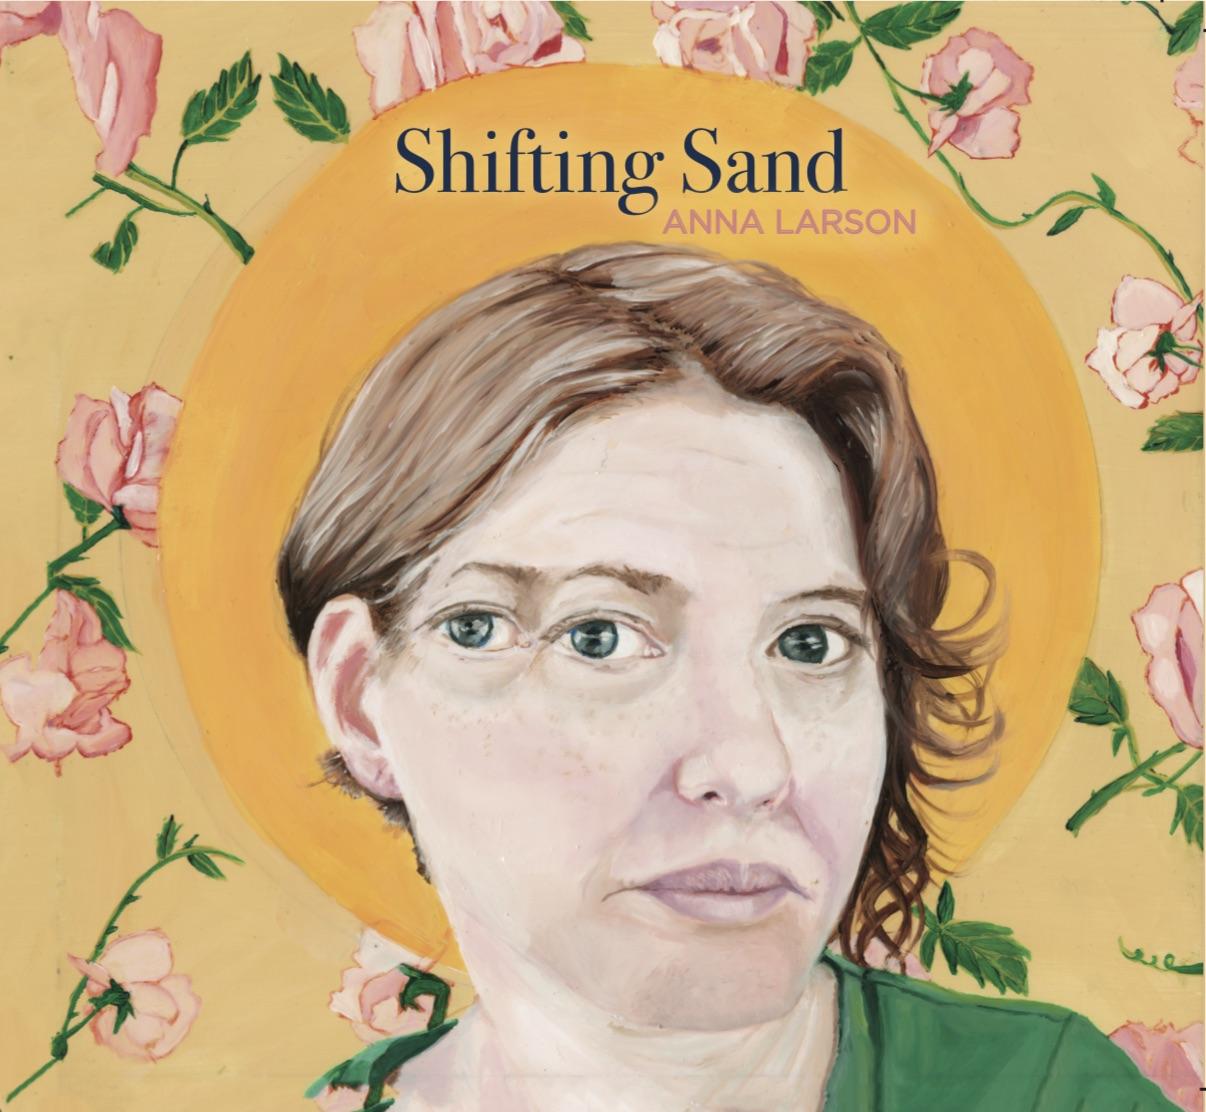 Shifting Sand